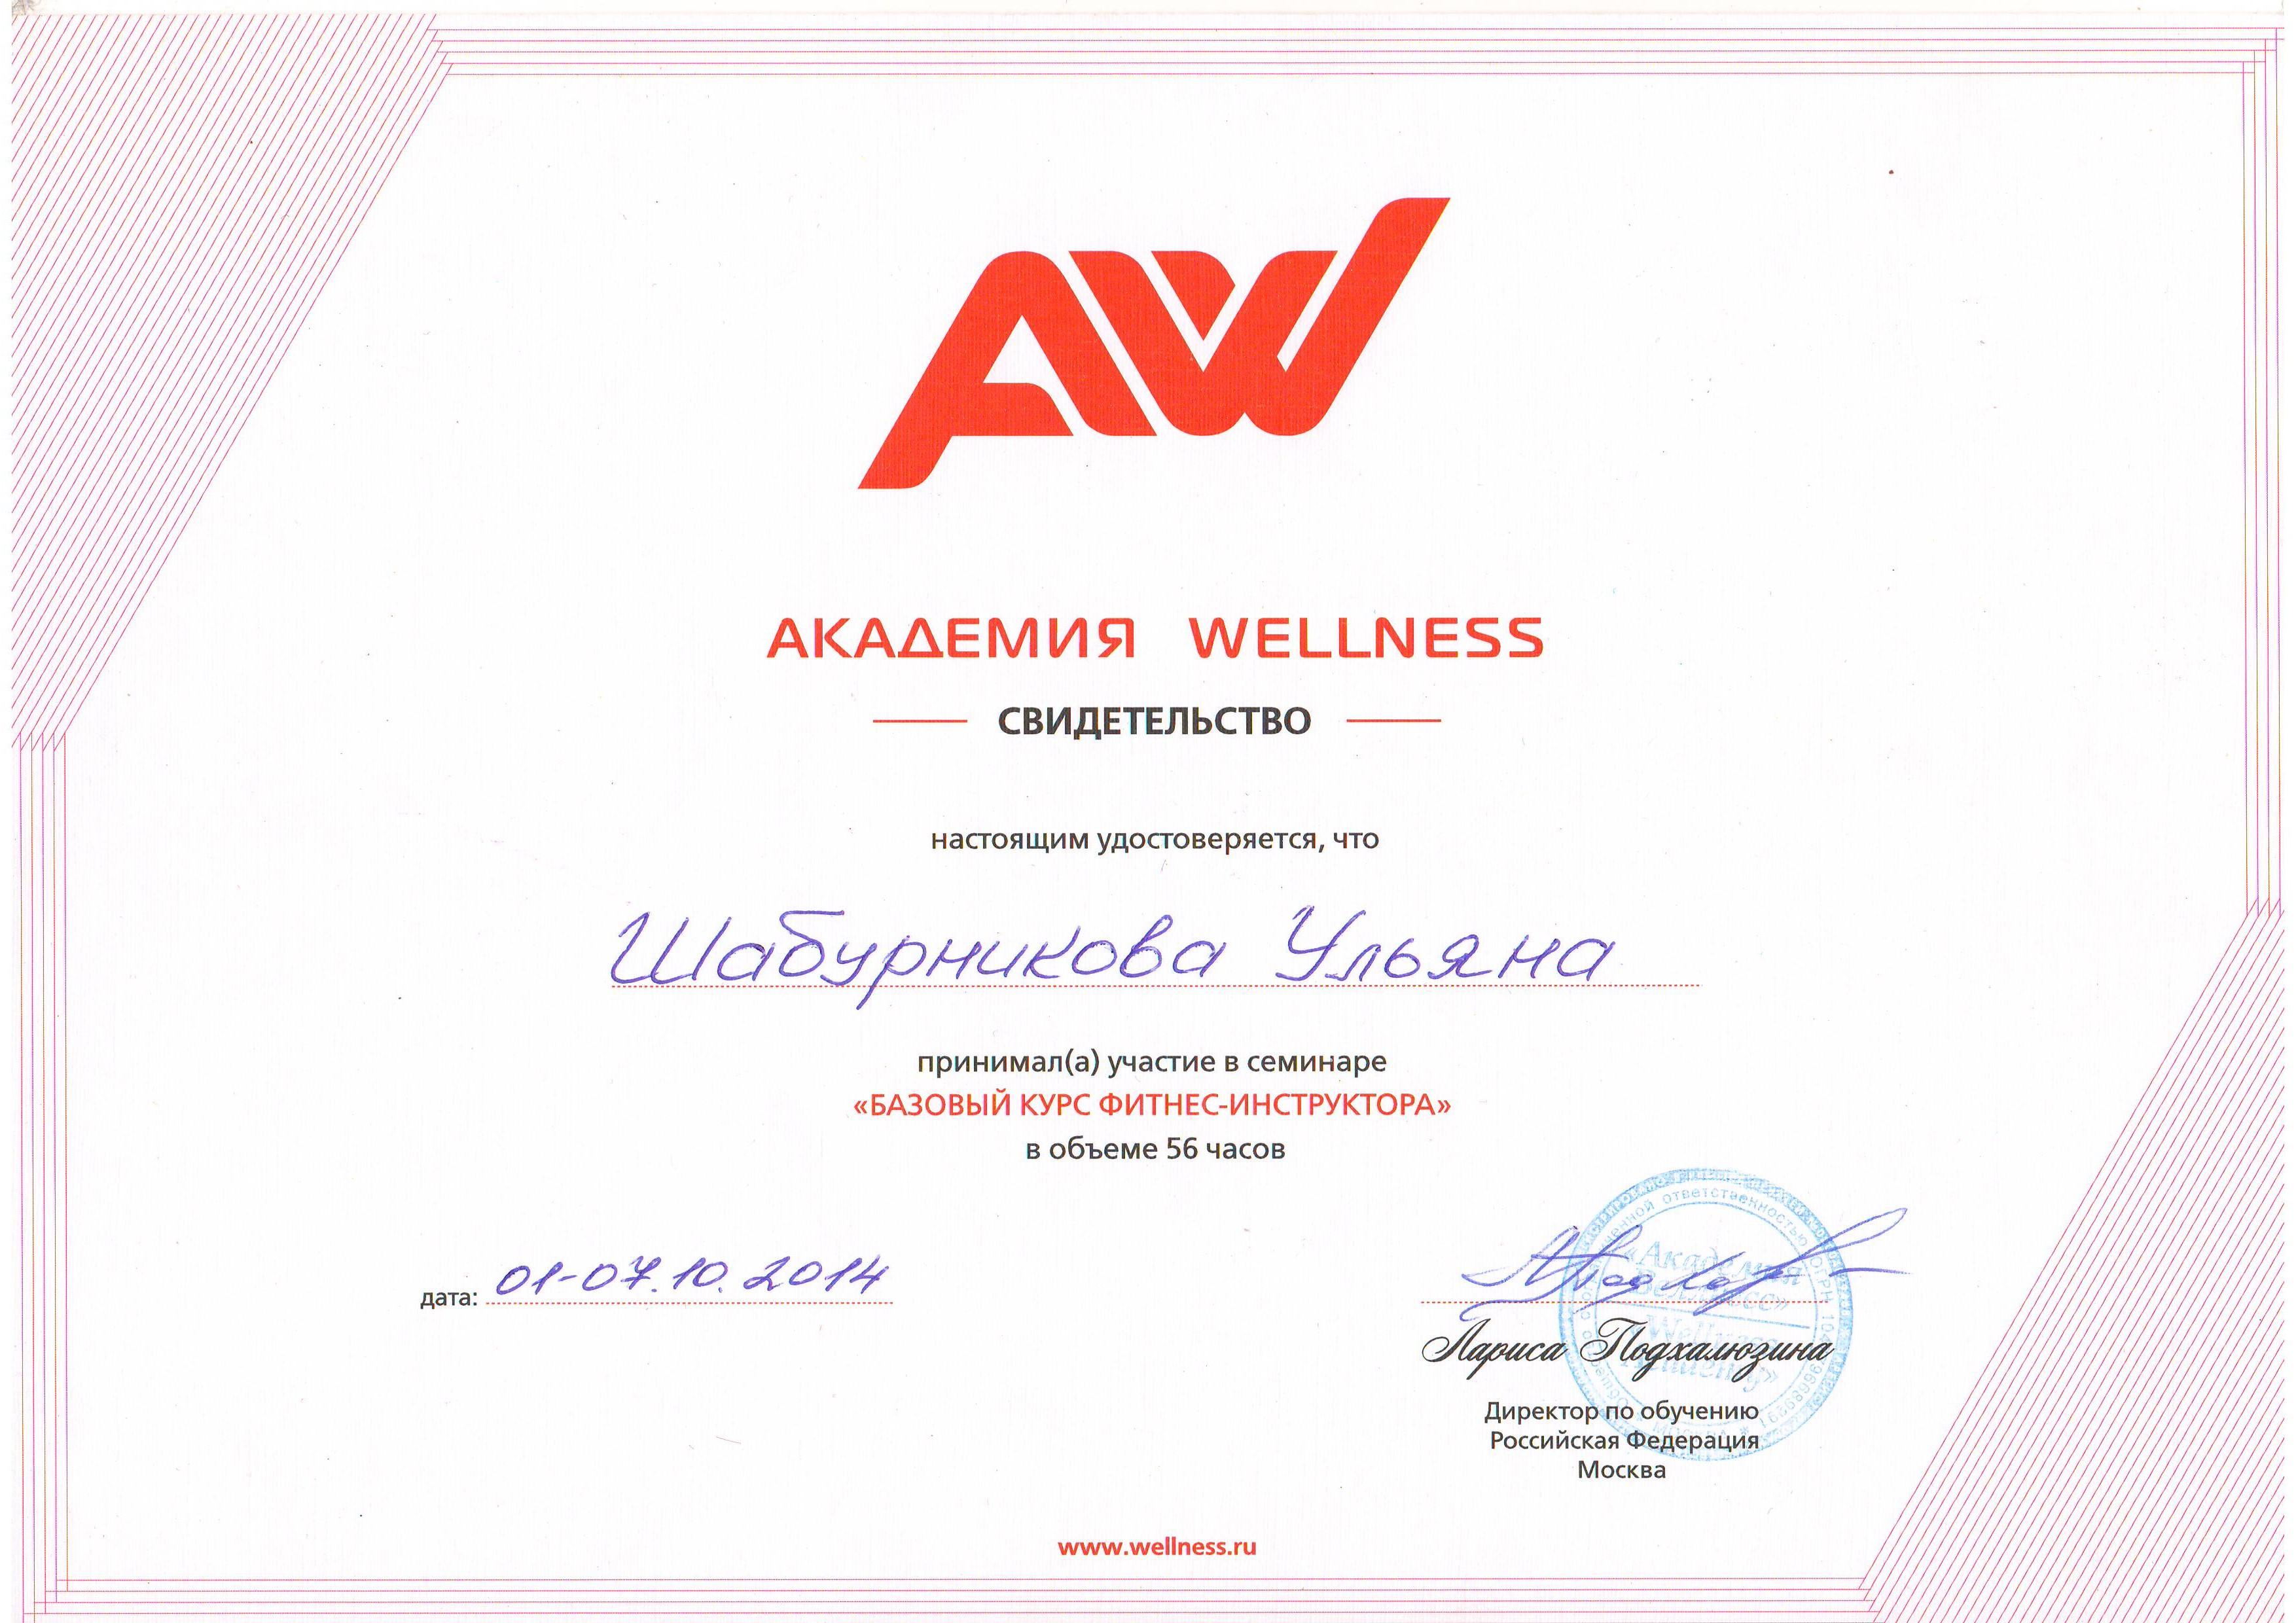 Сертификат фитнес-инструктора